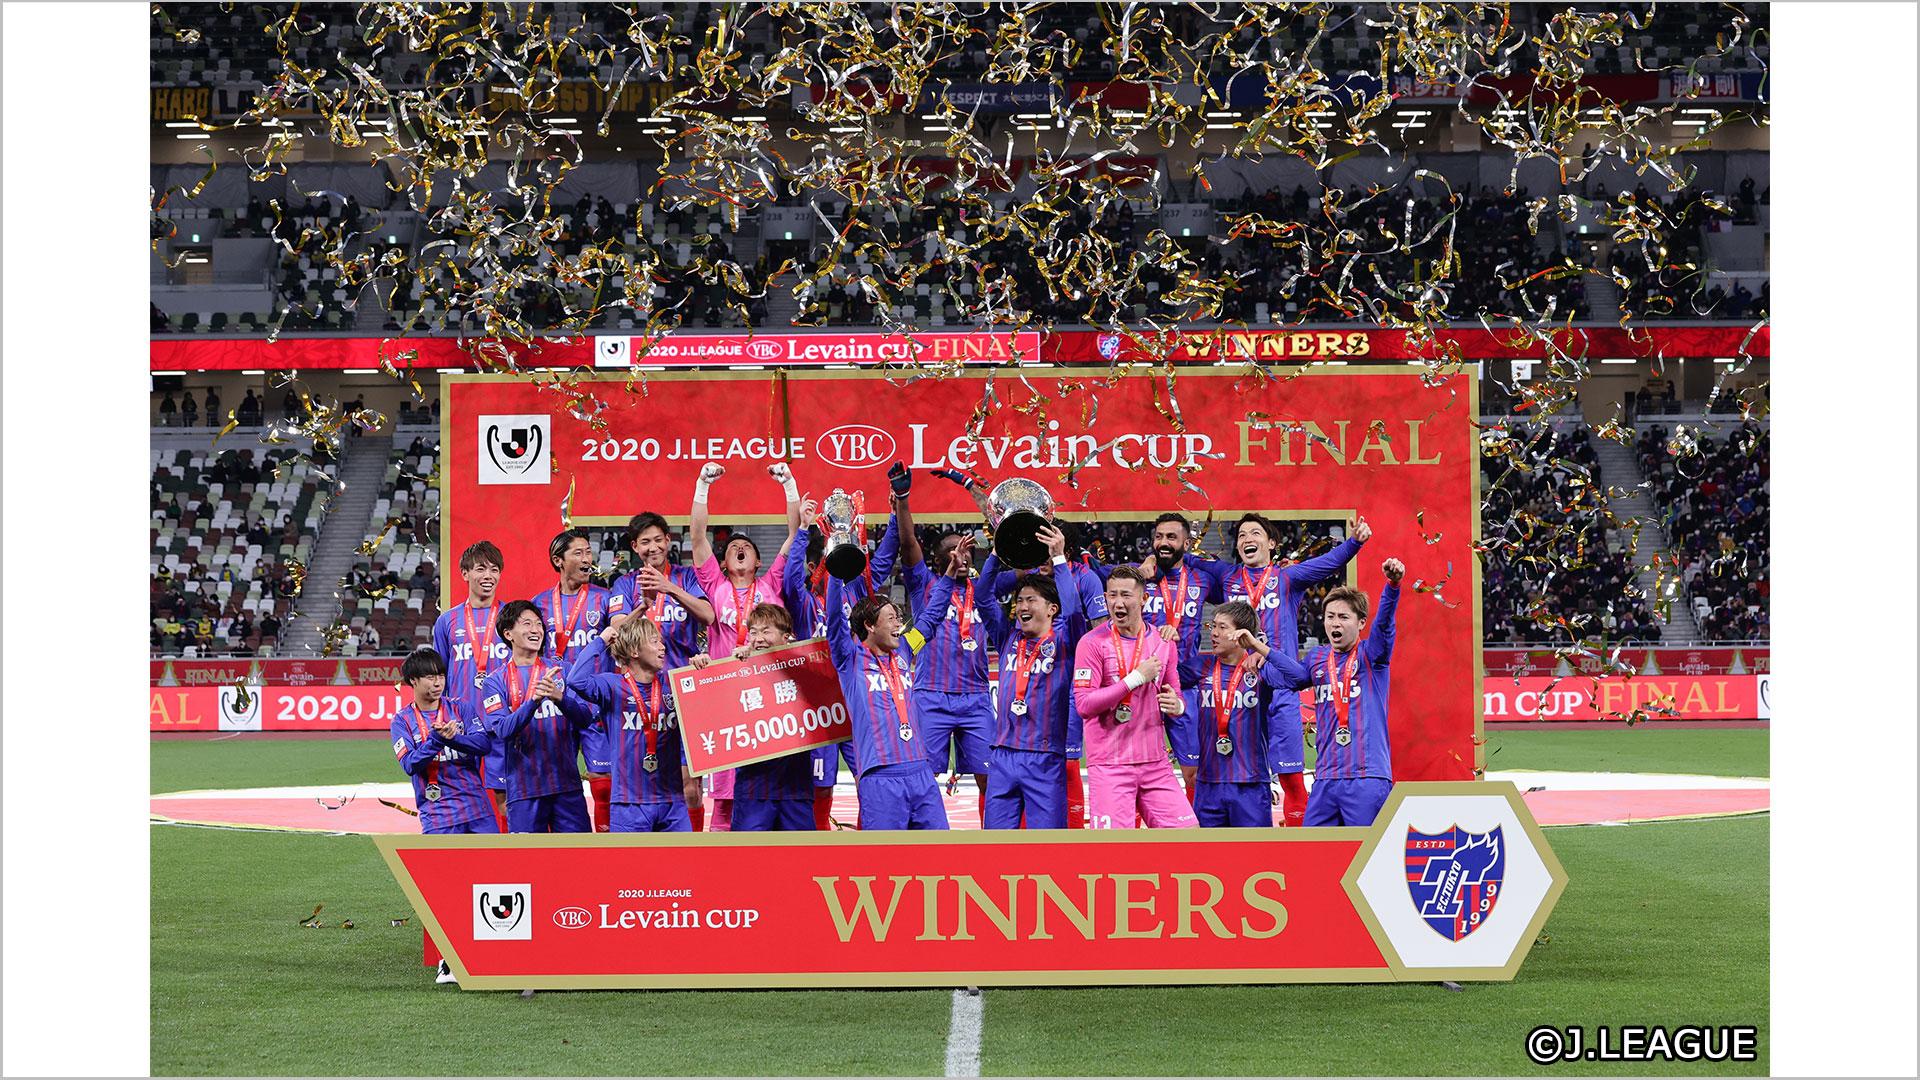 2021 JリーグYBCルヴァンカップ プライムステージ 準決勝 第2戦 セレッソ大阪 vs 浦和レッズ